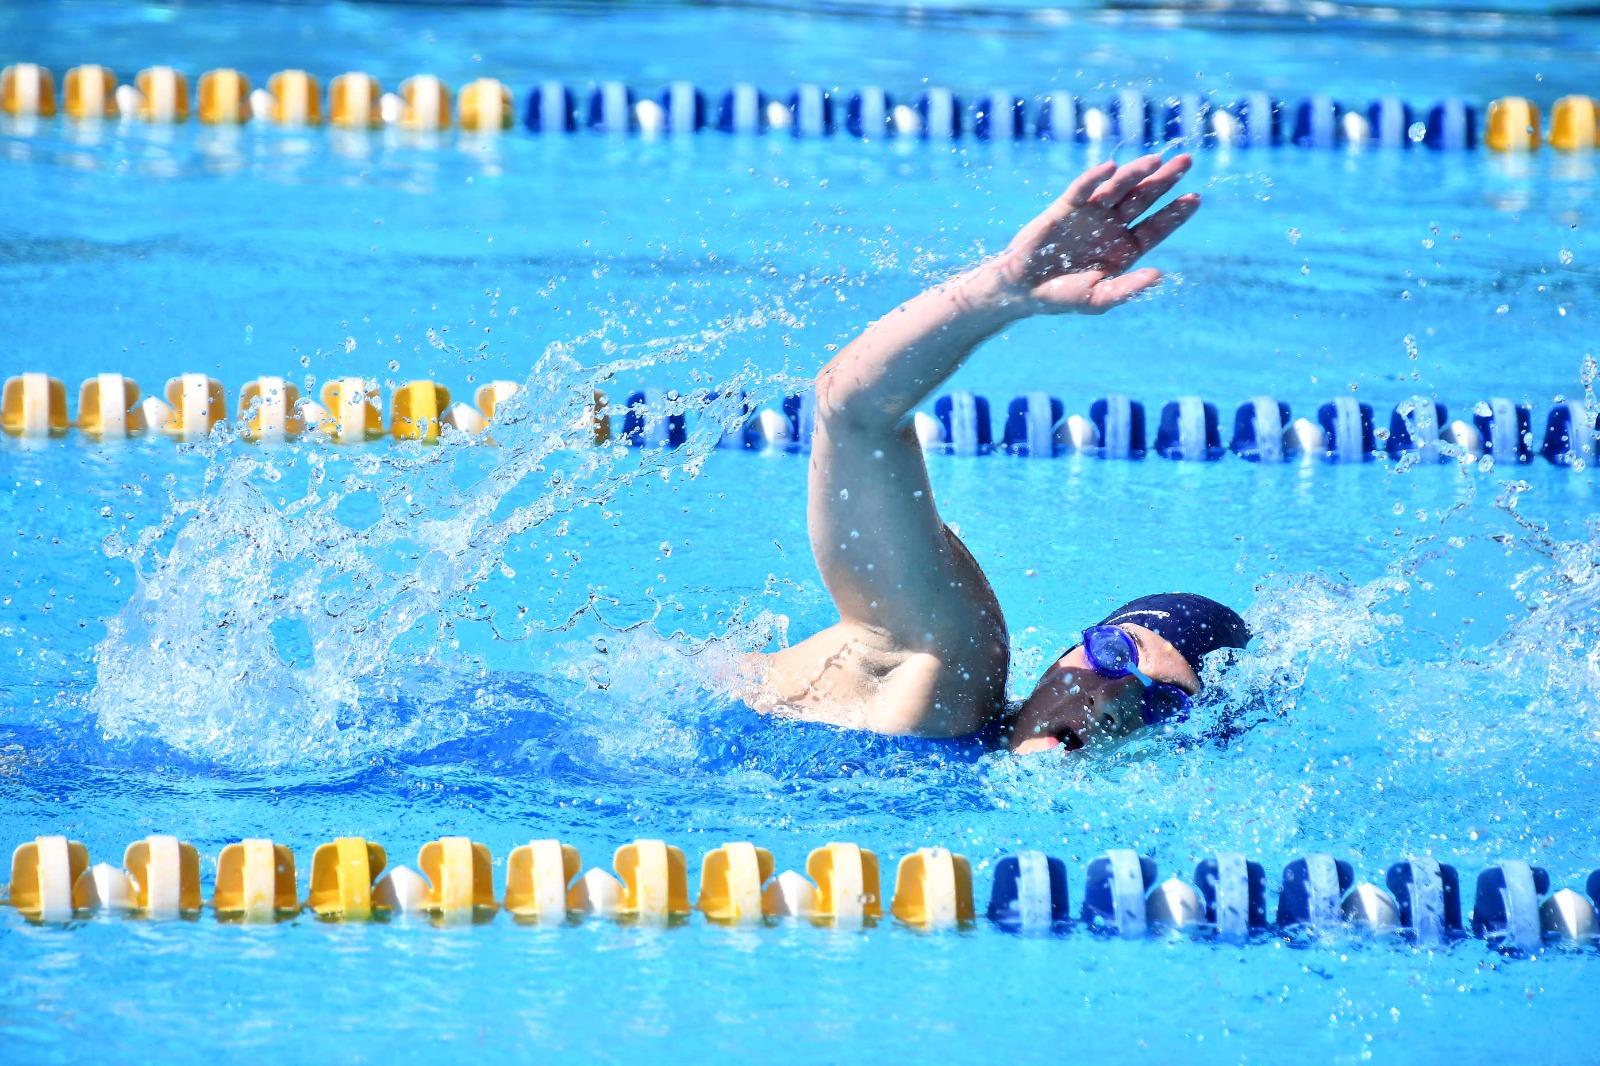 Sospensione del Campionato Italiano Giovanile di nuoto paralimpico